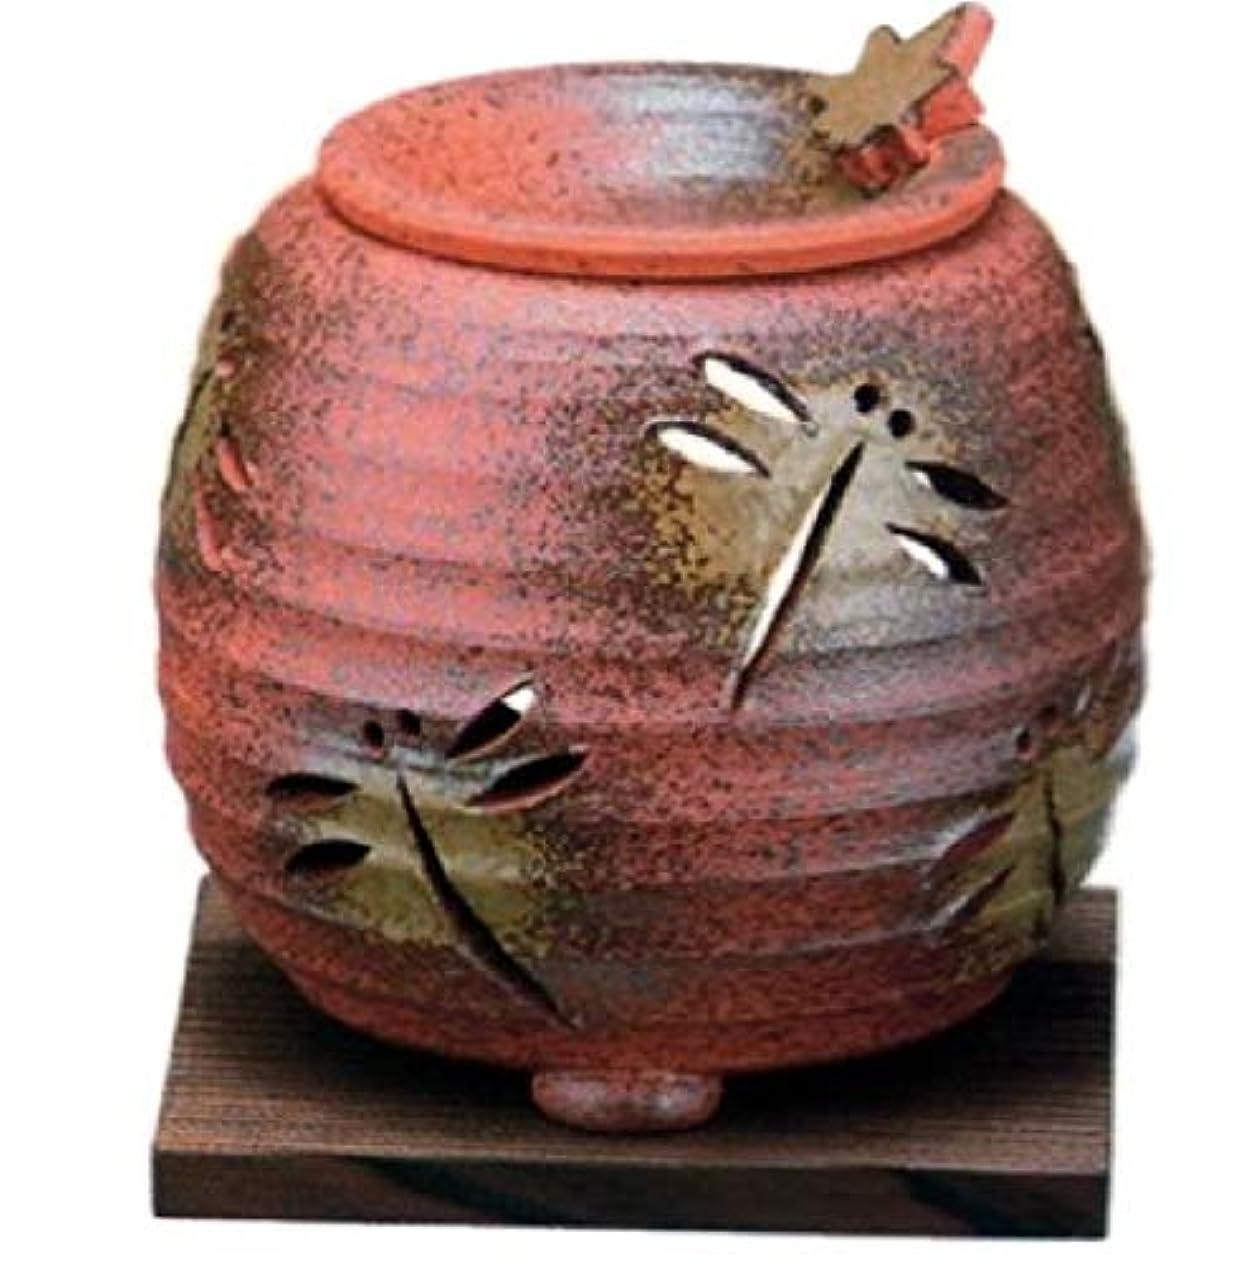 シャックルはねかける抱擁常滑焼?石龍窯 カ38-07 茶香炉 トンボ 焼杉板付 約φ11×11cm